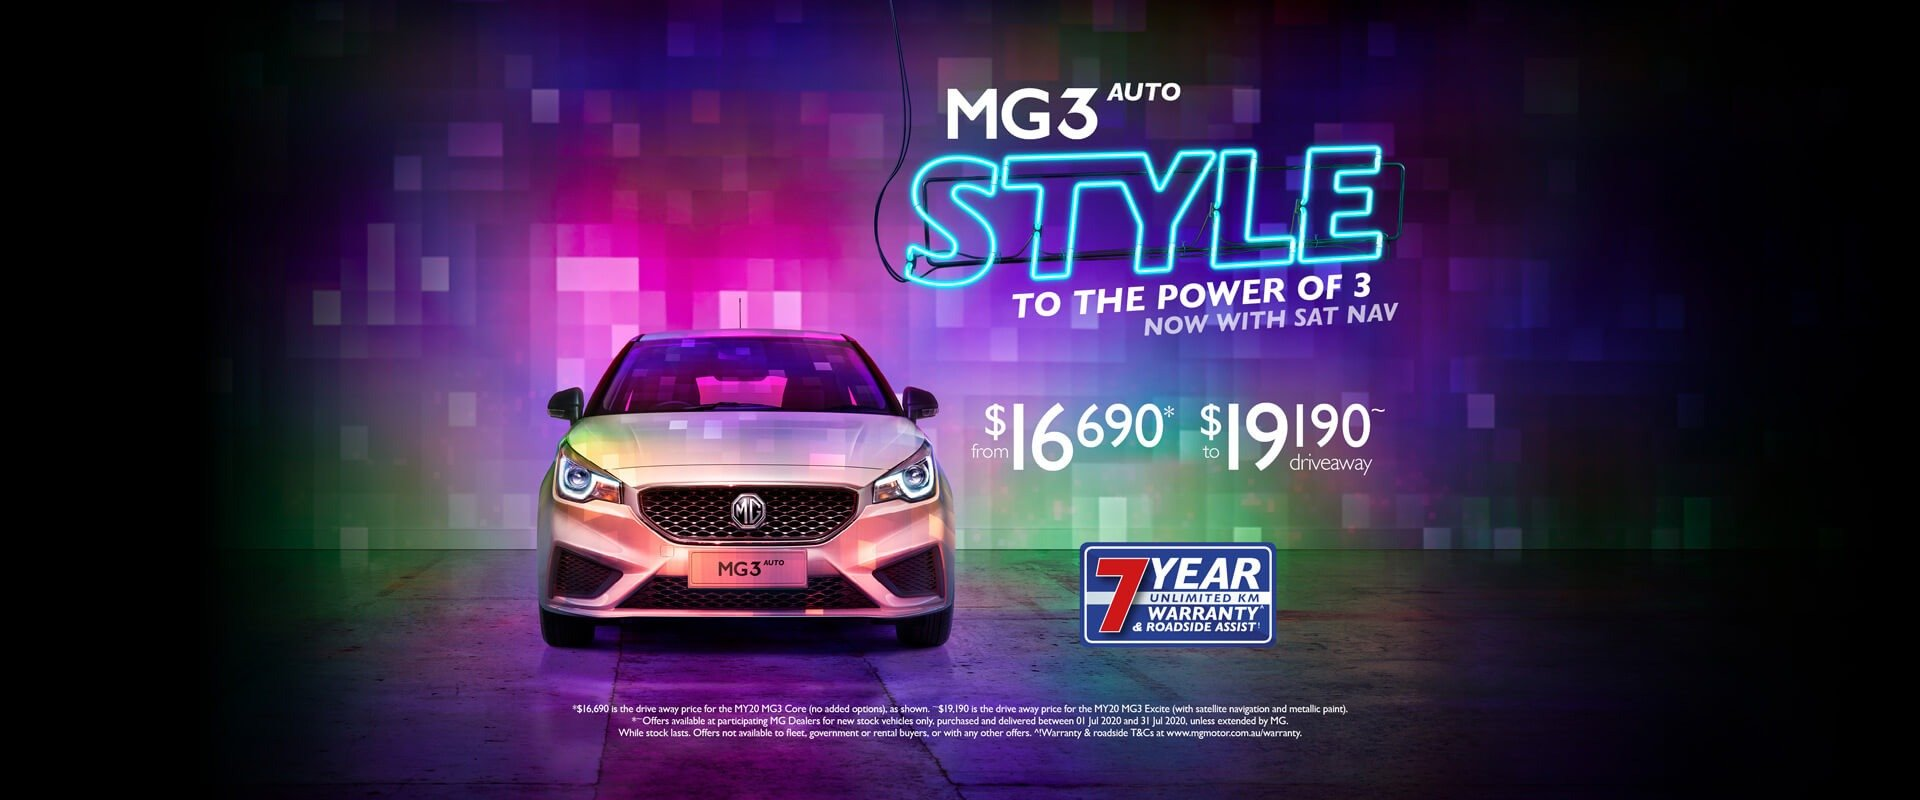 MG3 Auto